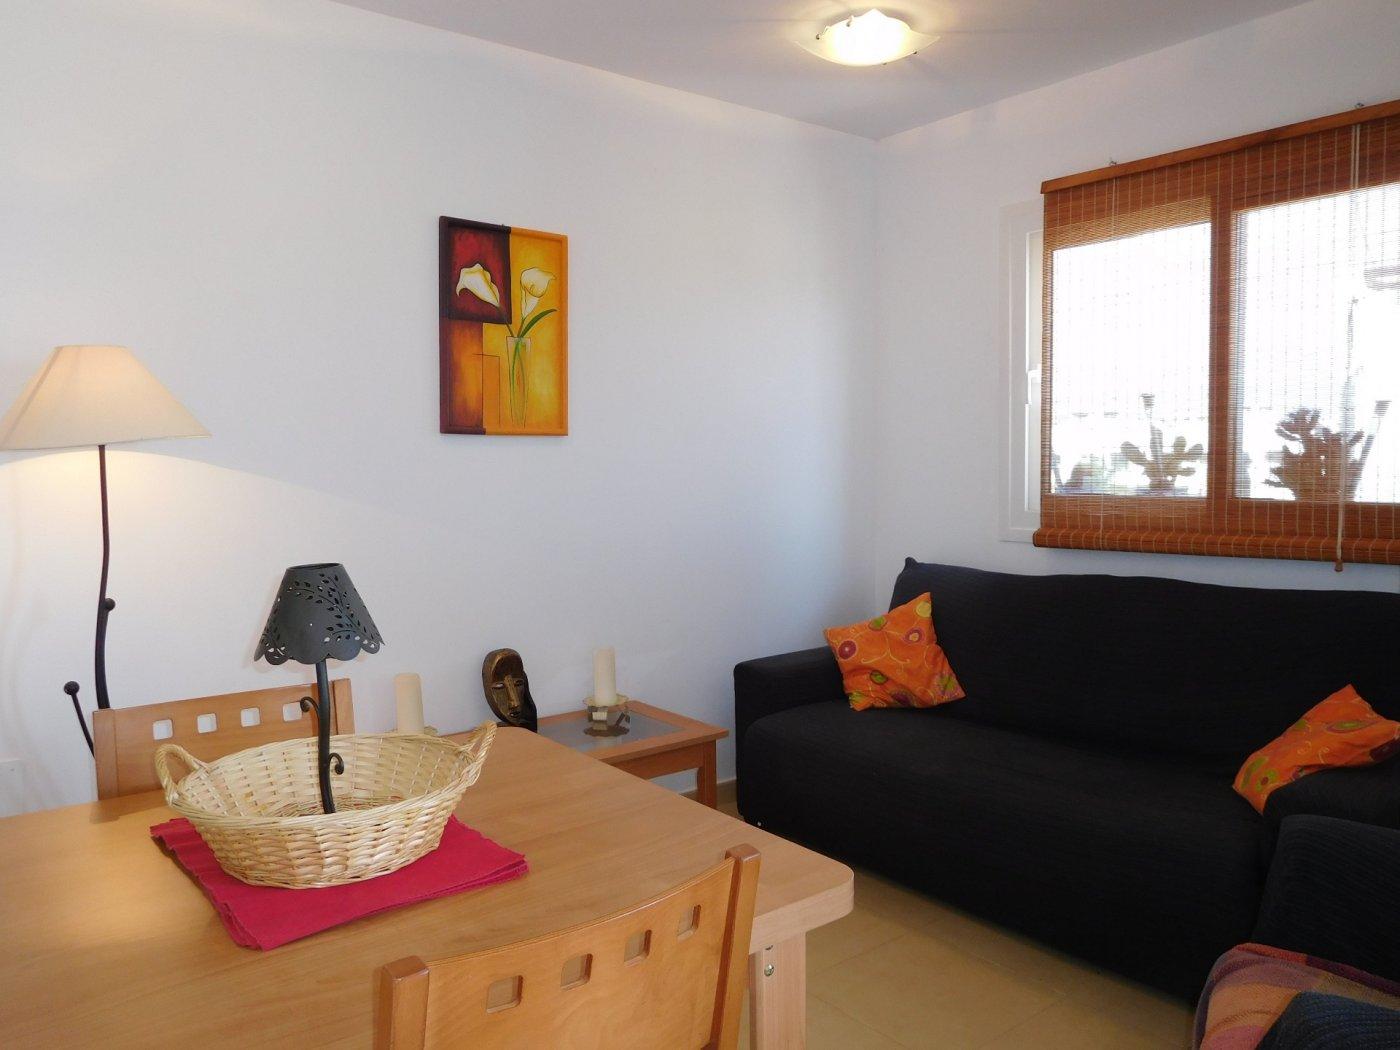 Image 2 Apartment ref 3265-02752 for rent in Condado De Alhama Spain - Quality Homes Costa Cálida